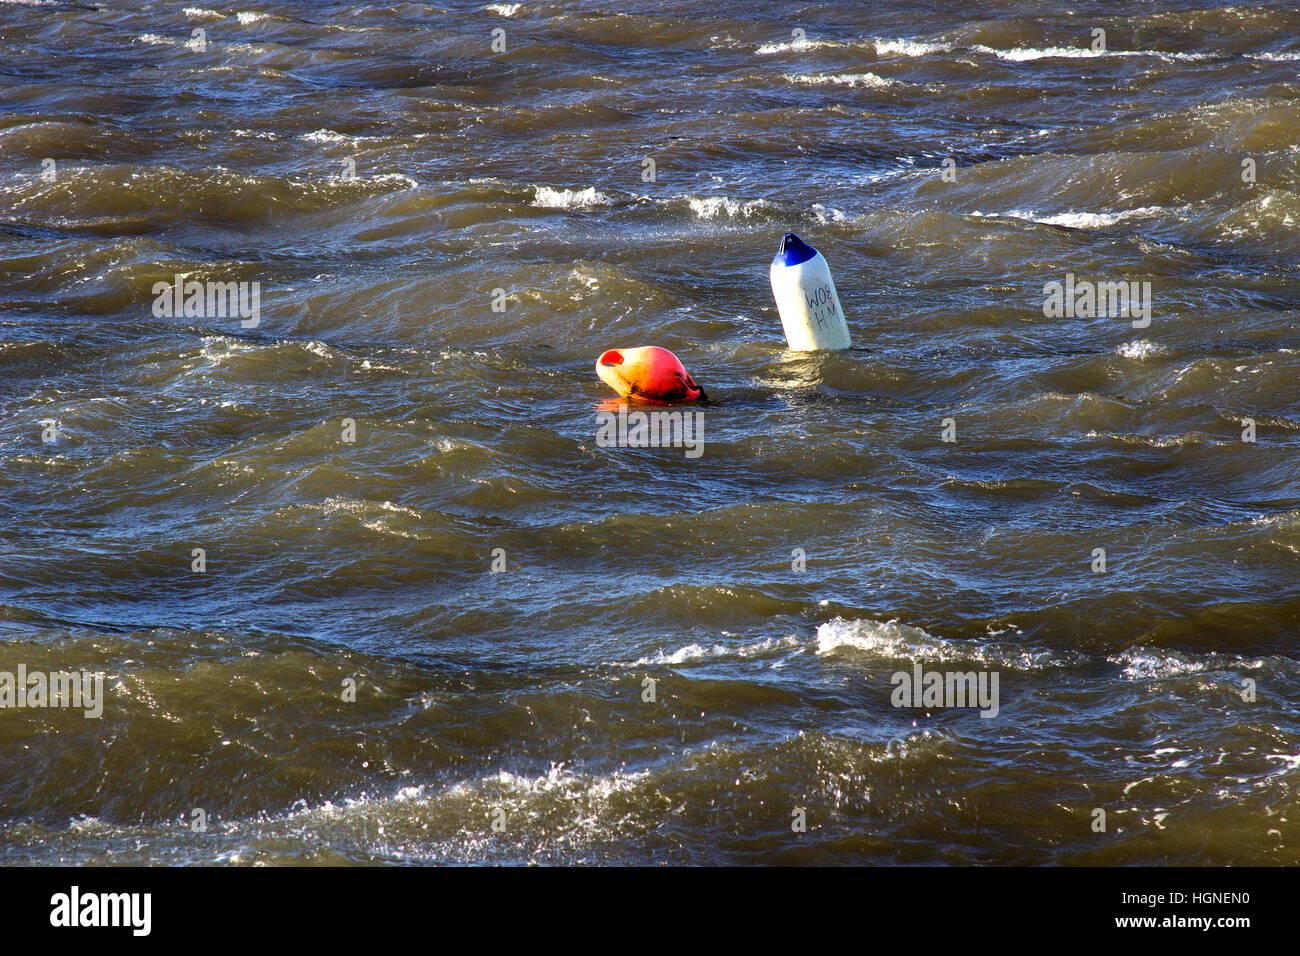 Y Marcador de boya de amarre vacío en mares agitados durante una tormenta en Puerto Groomsport en el Condado de Down en Irlanda del Norte Foto de stock